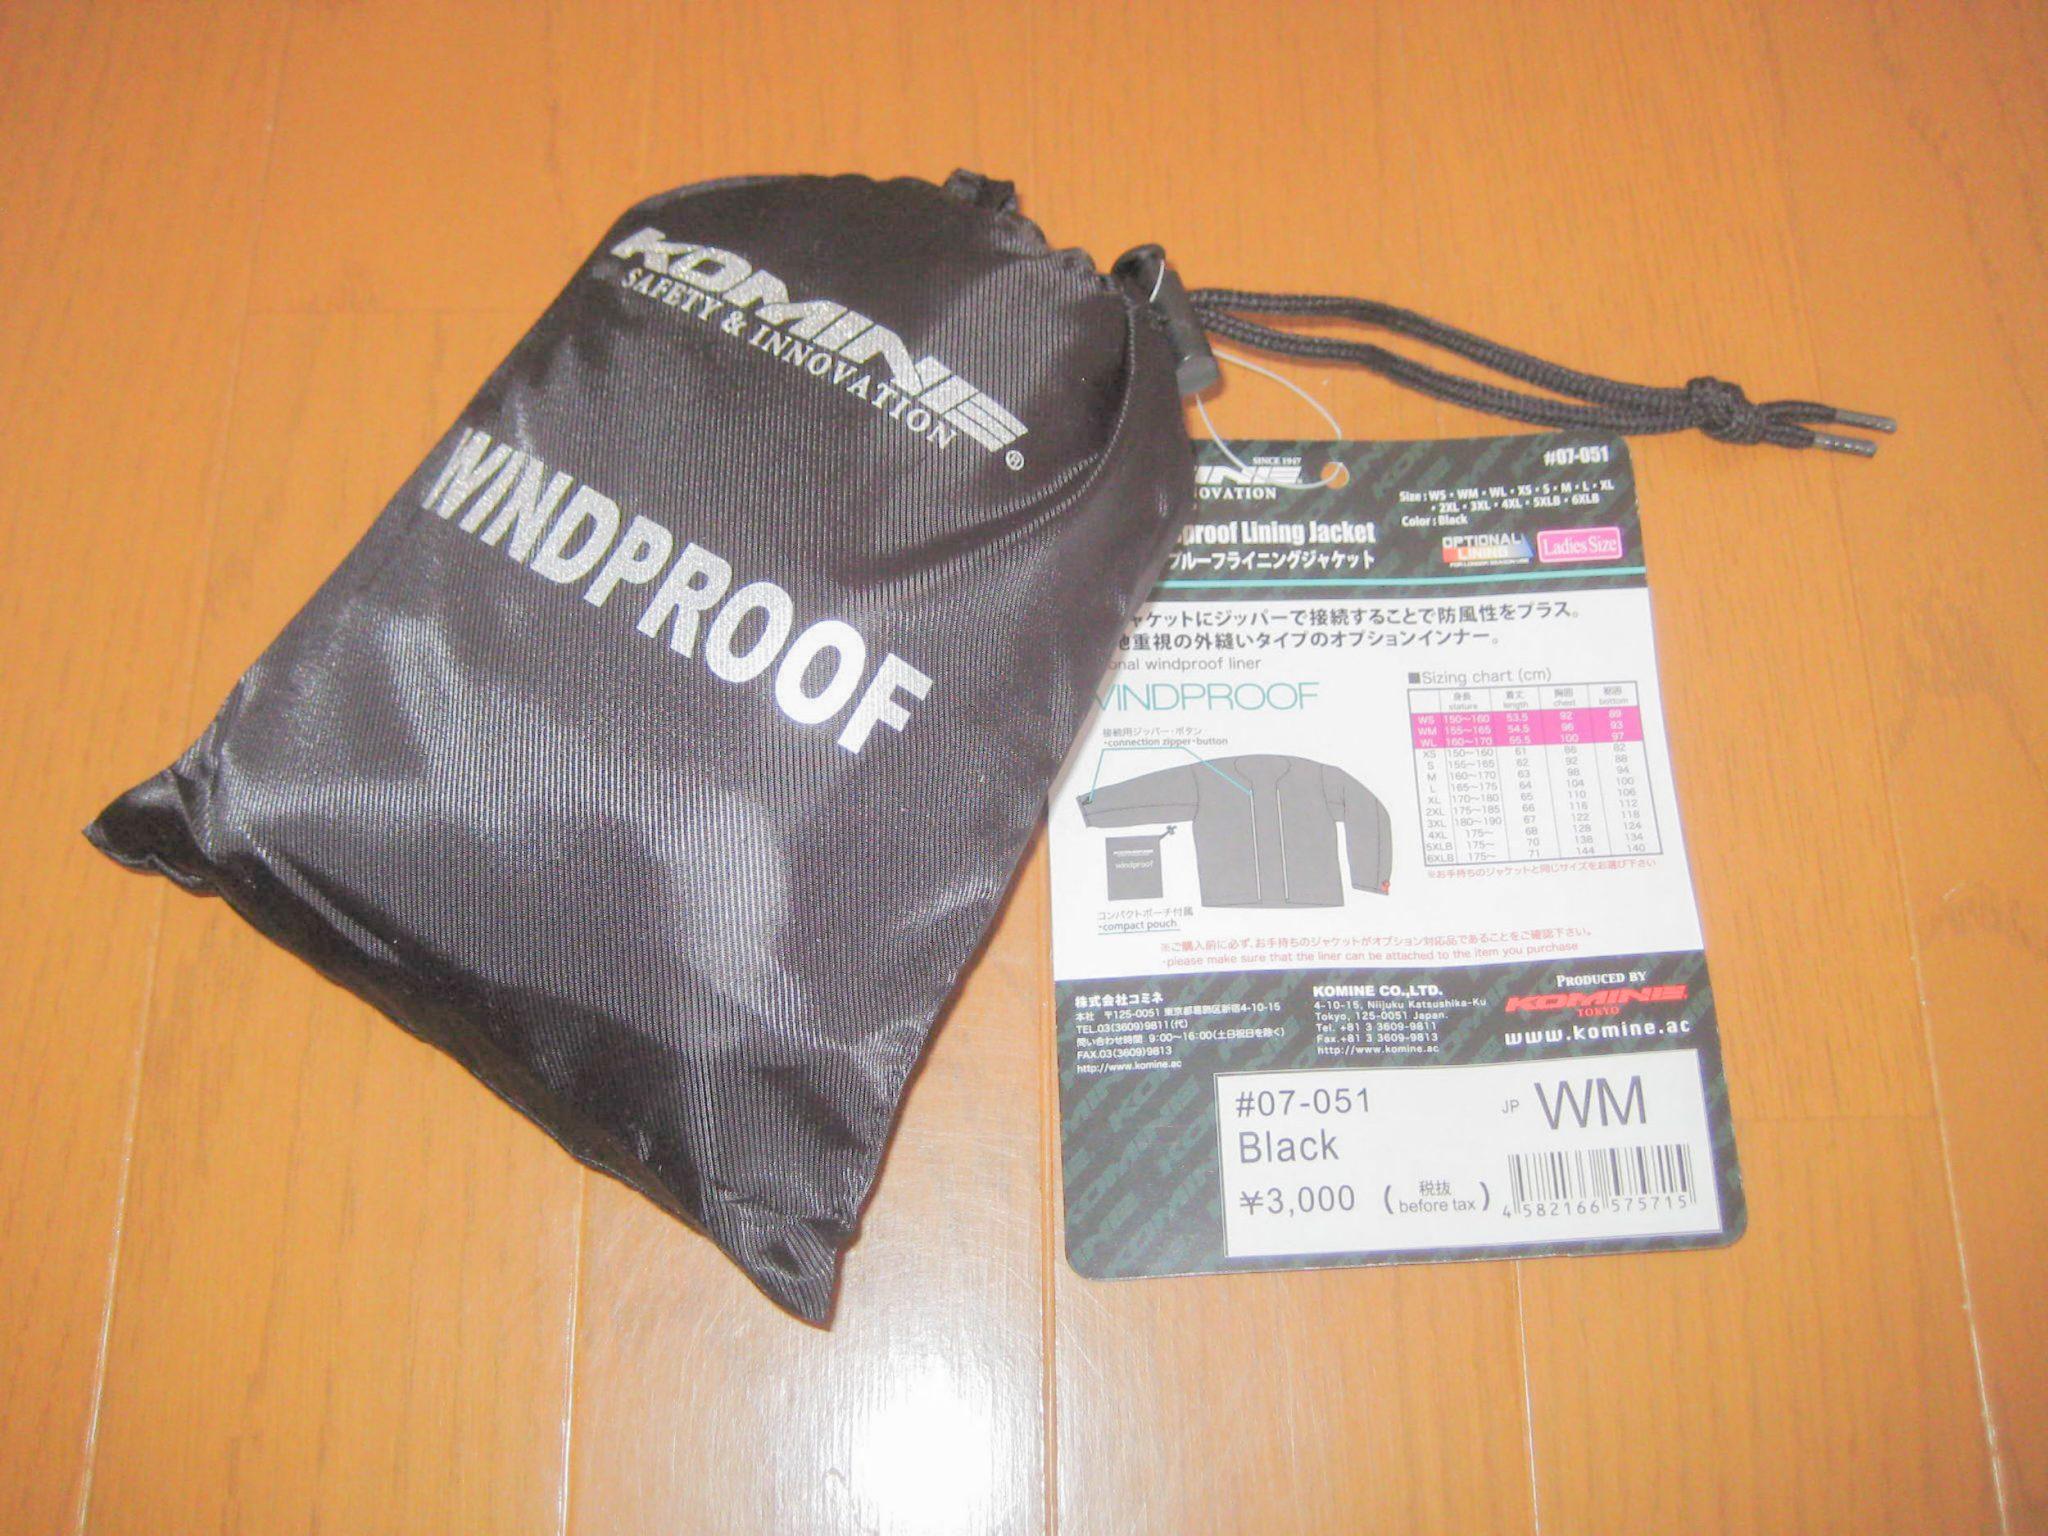 コミネ JK-051 ウインドプルーフ ライニングジャケット KOMINE 07-051 WINDPROOF LINING JKT